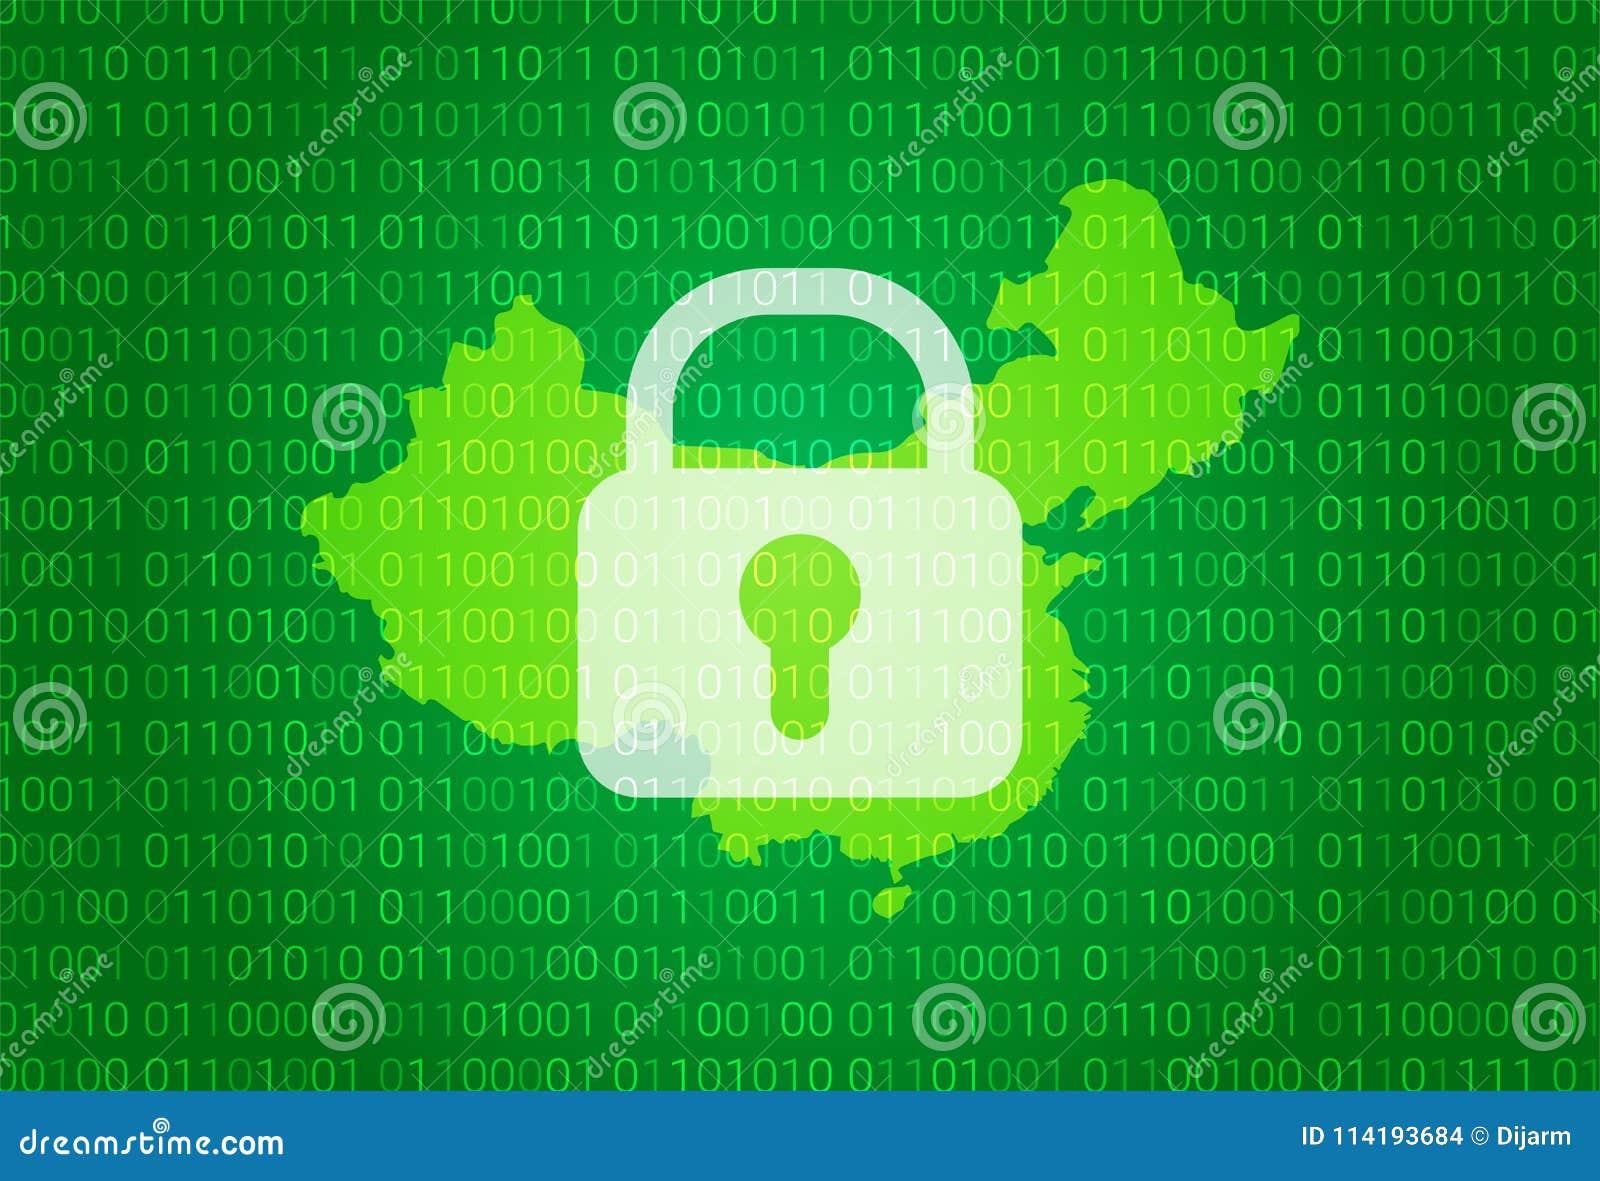 Översikt av Kina illustration med bakgrund för lås och för binär kod internet som blockerar, virusattack, avskildhet skyddar